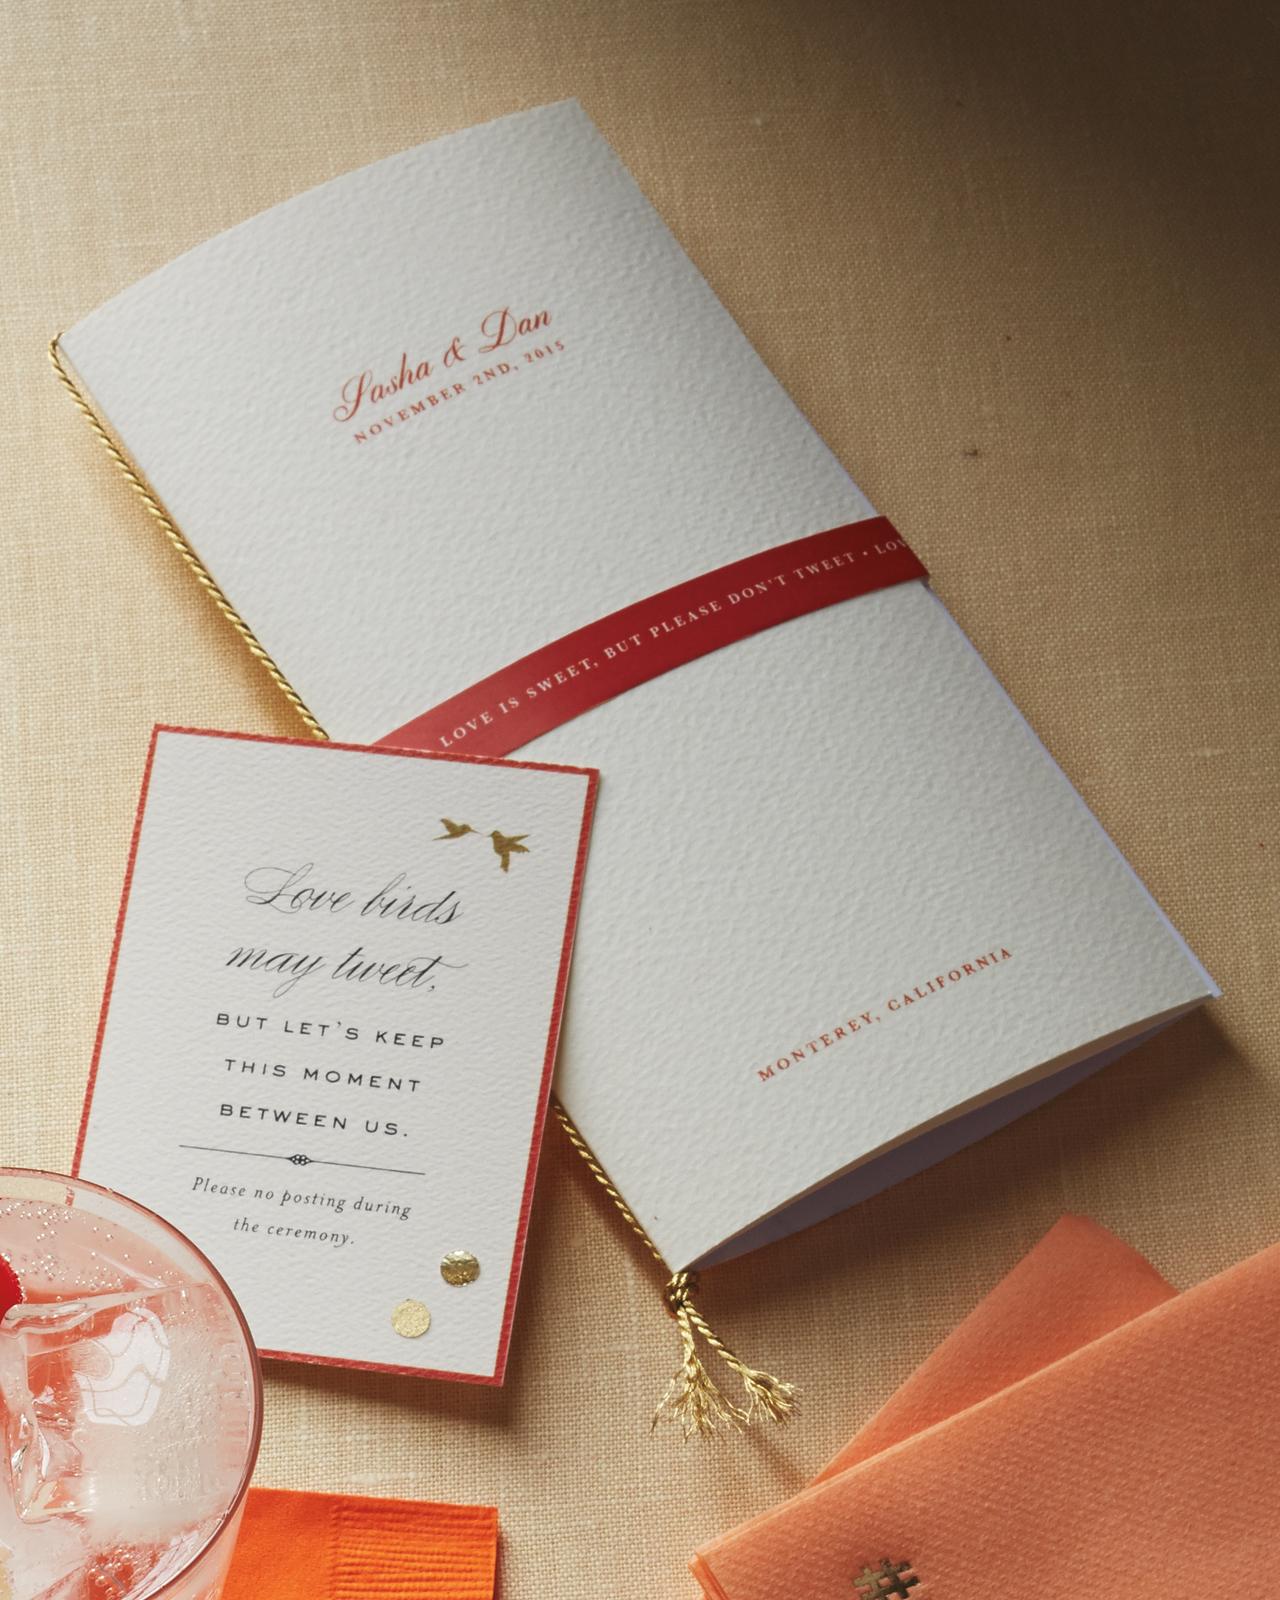 social-media-sharing-at-wedding-a-letter-from-darcy-201-d111373-1114.jpg